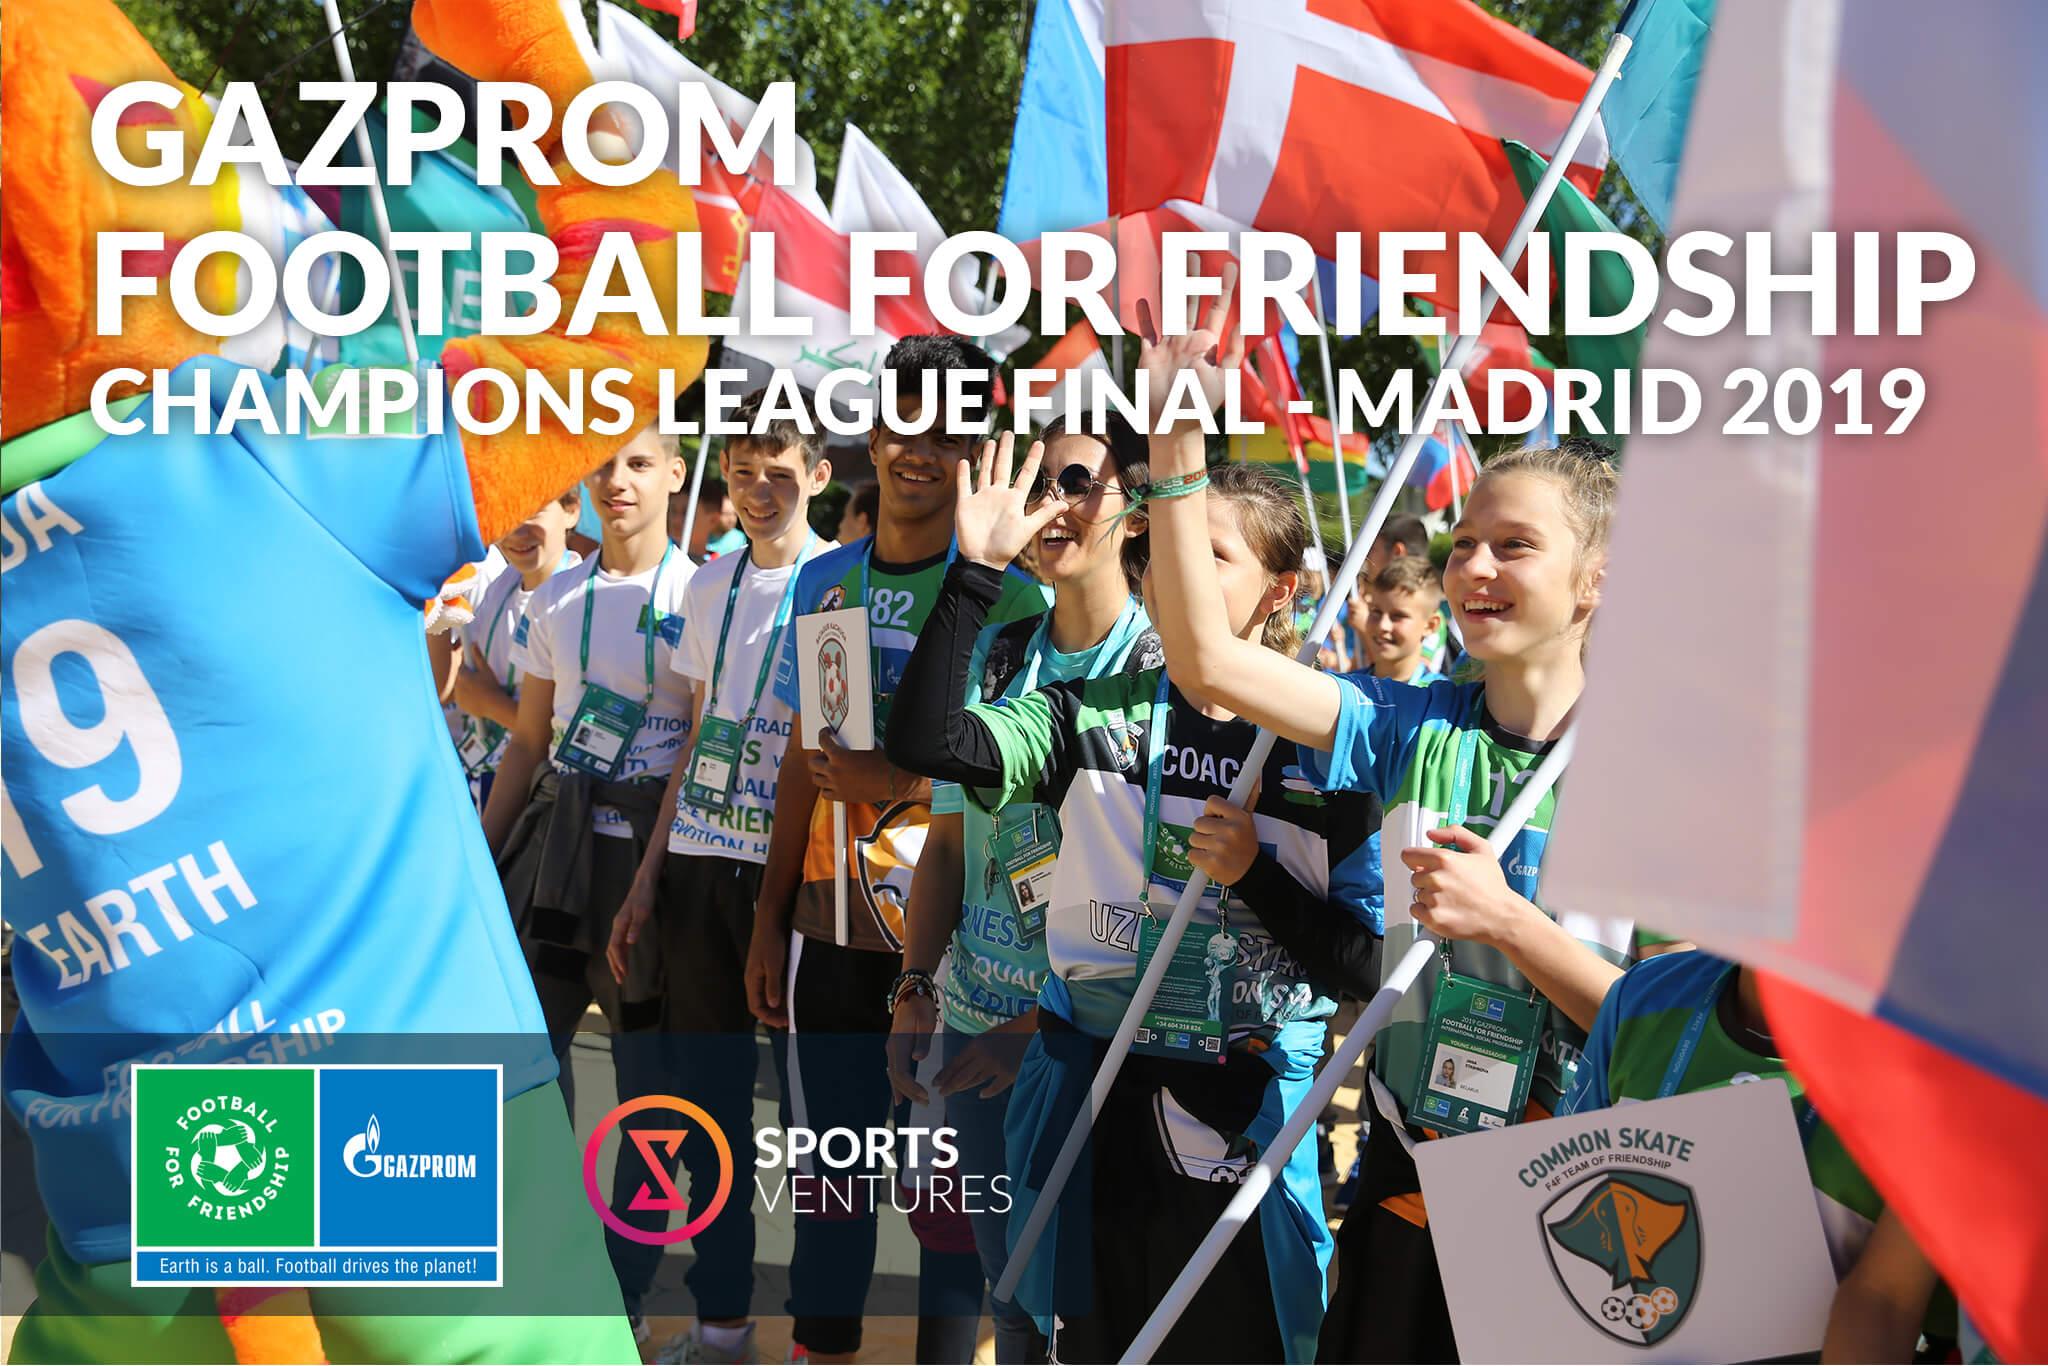 soccer-tour-champeons-league-sports-ventures